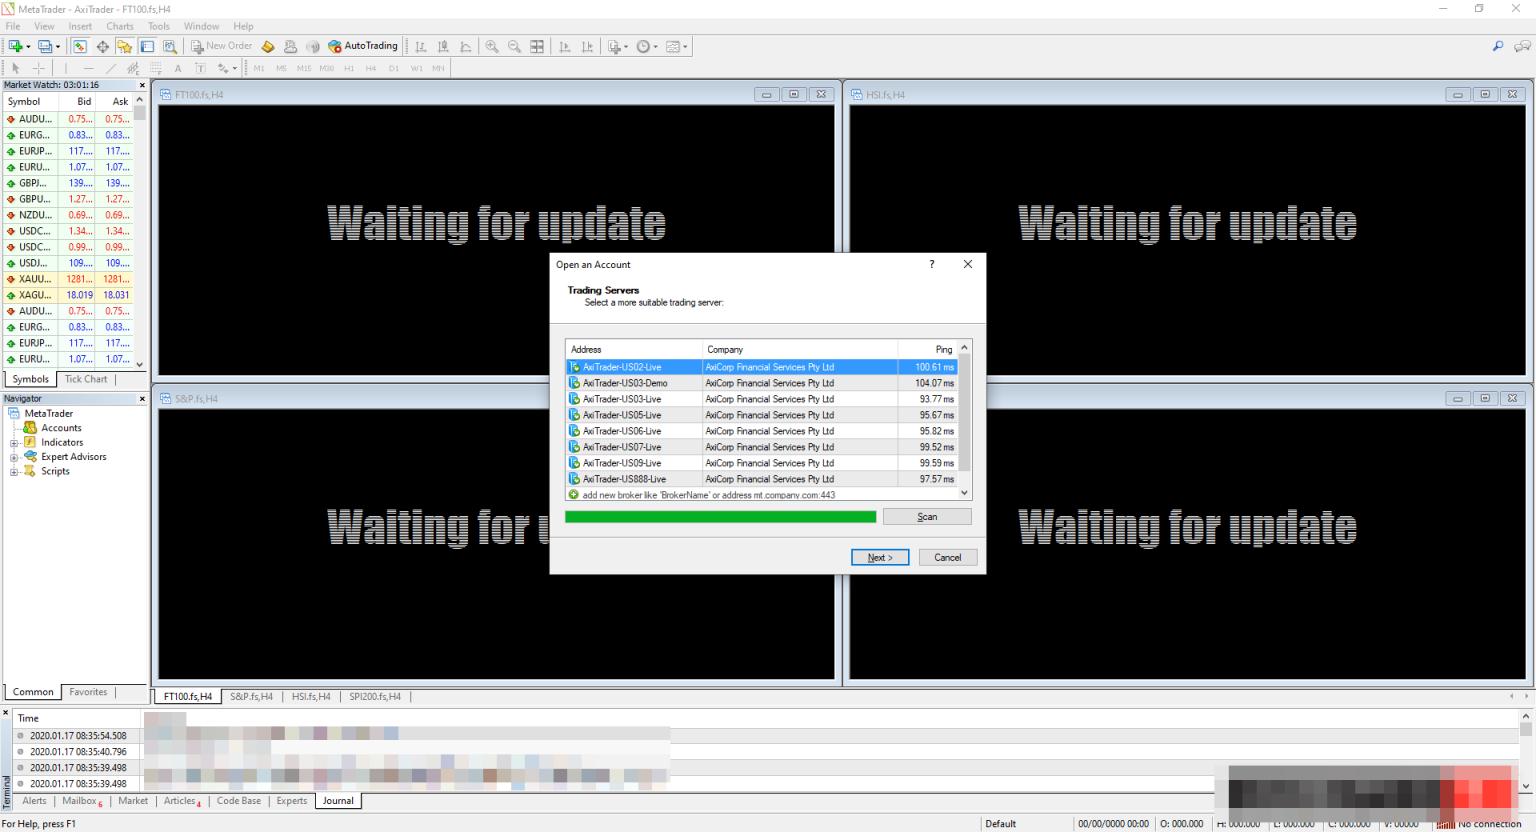 پنجره اصلی متاتریدر 4 پس از باز کردن نرم افزار